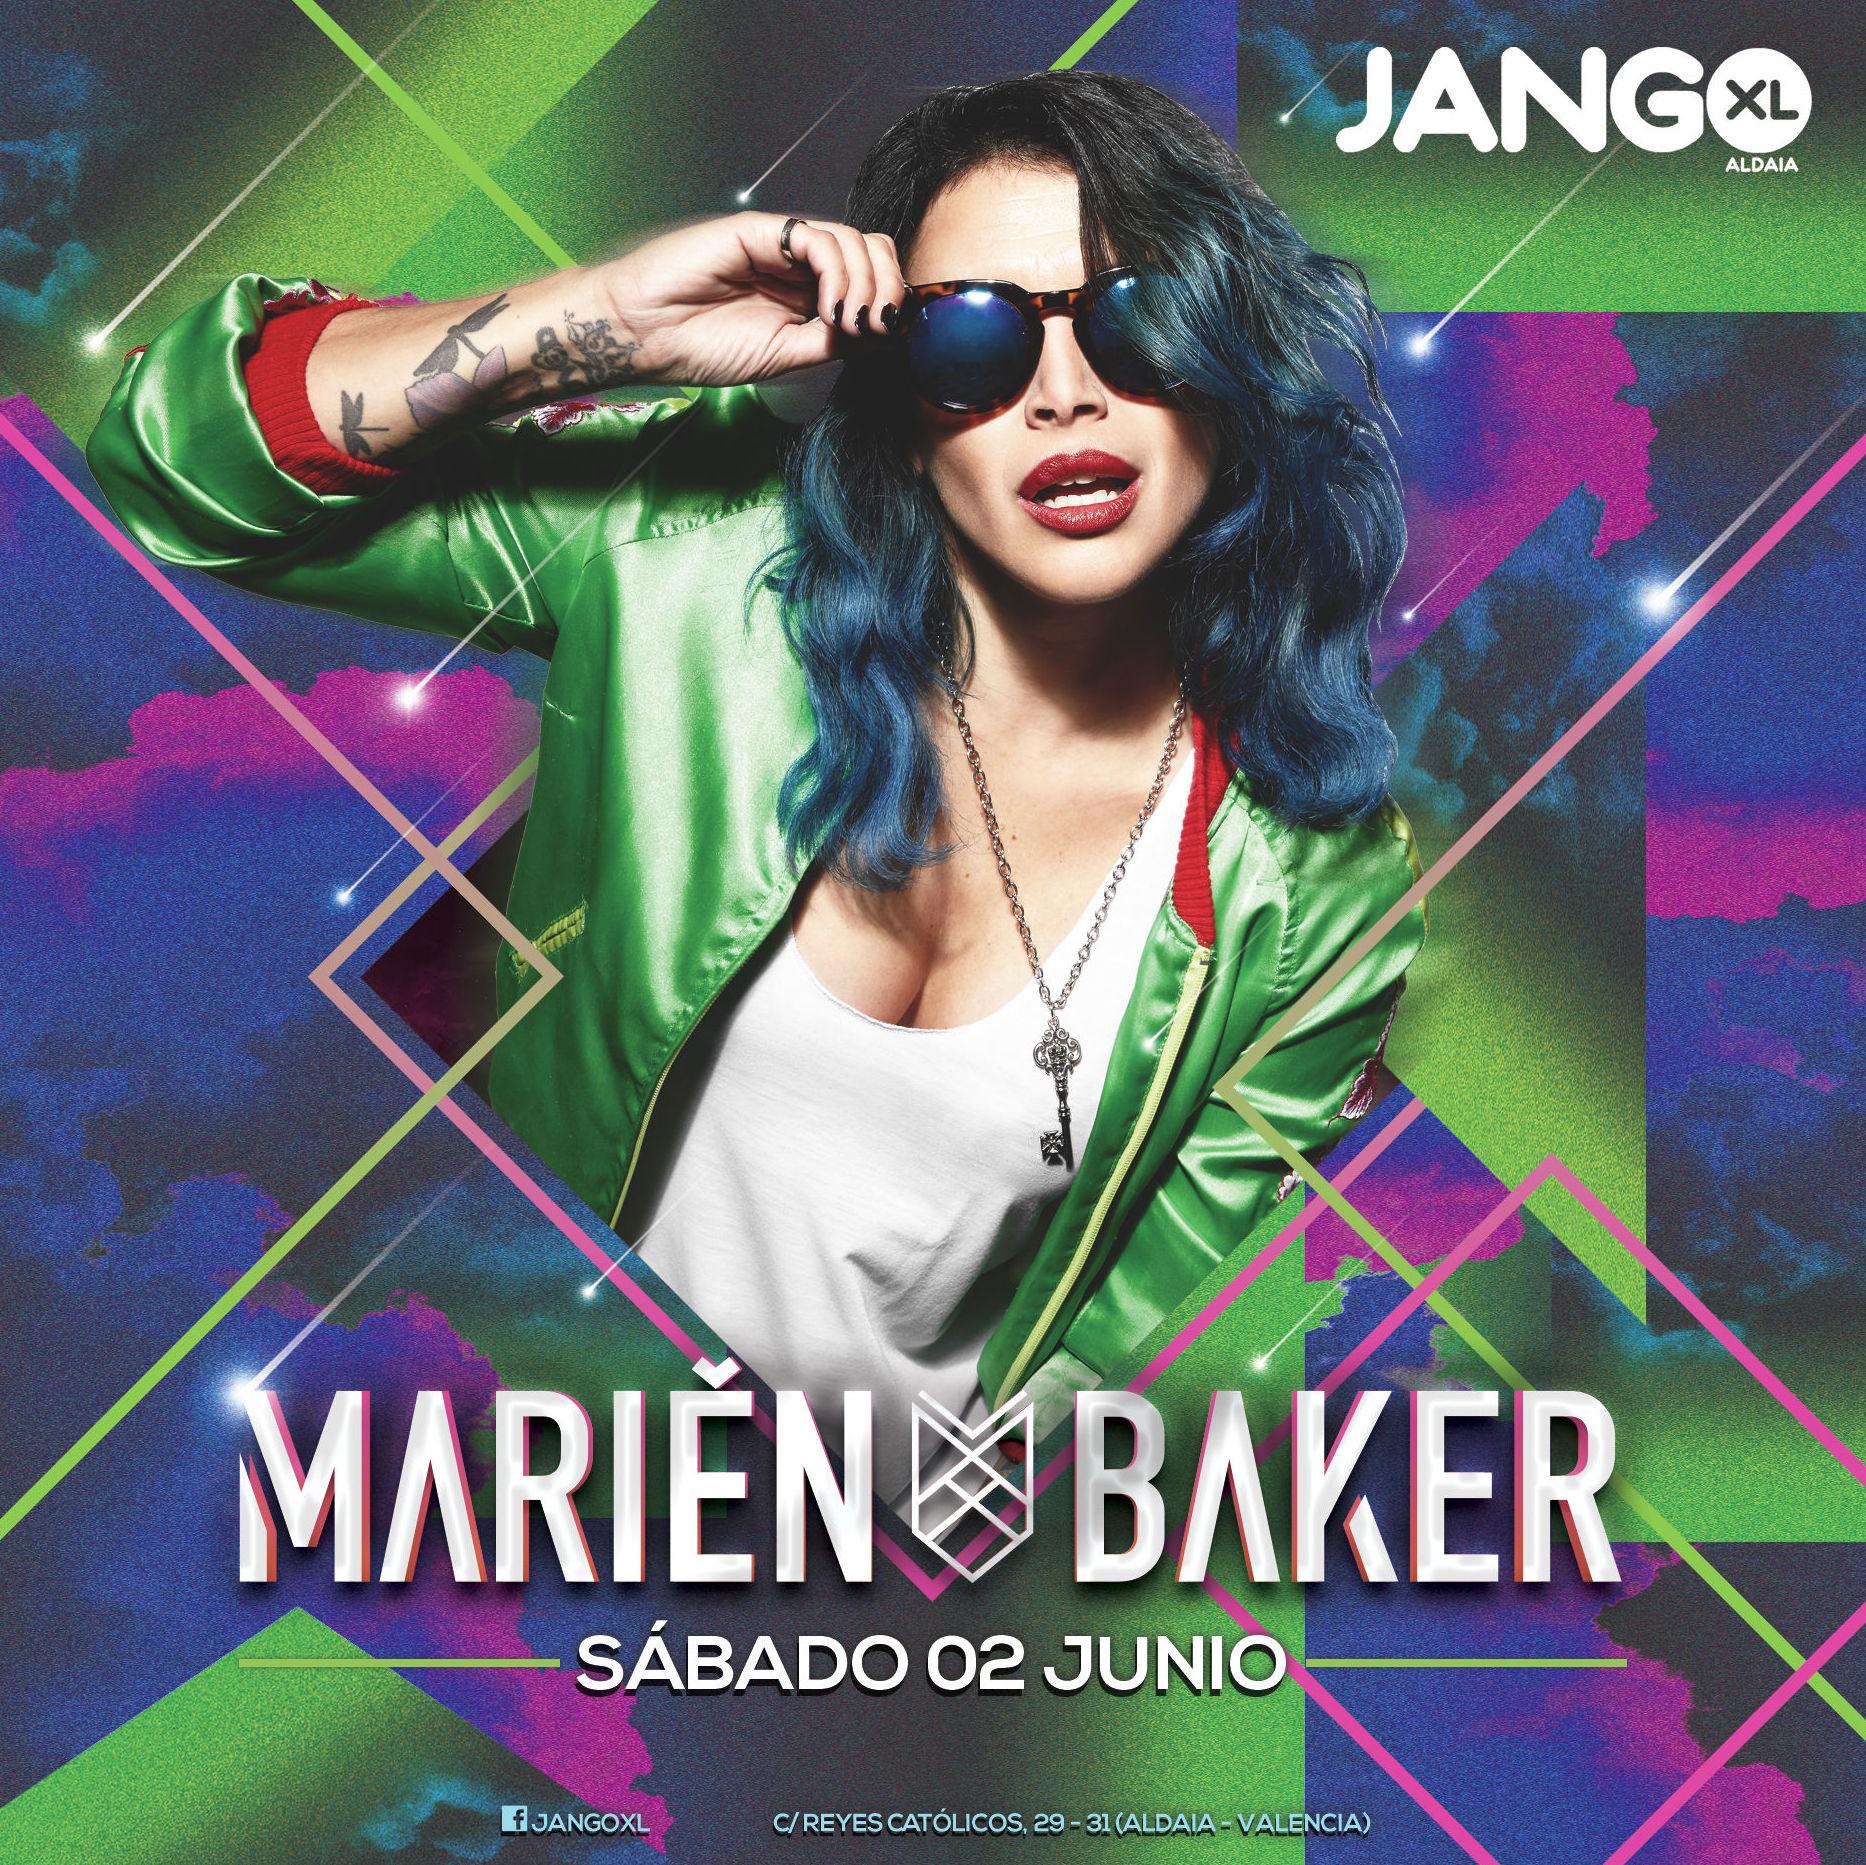 MARIEN BAKER en Jango XL 2 de junio